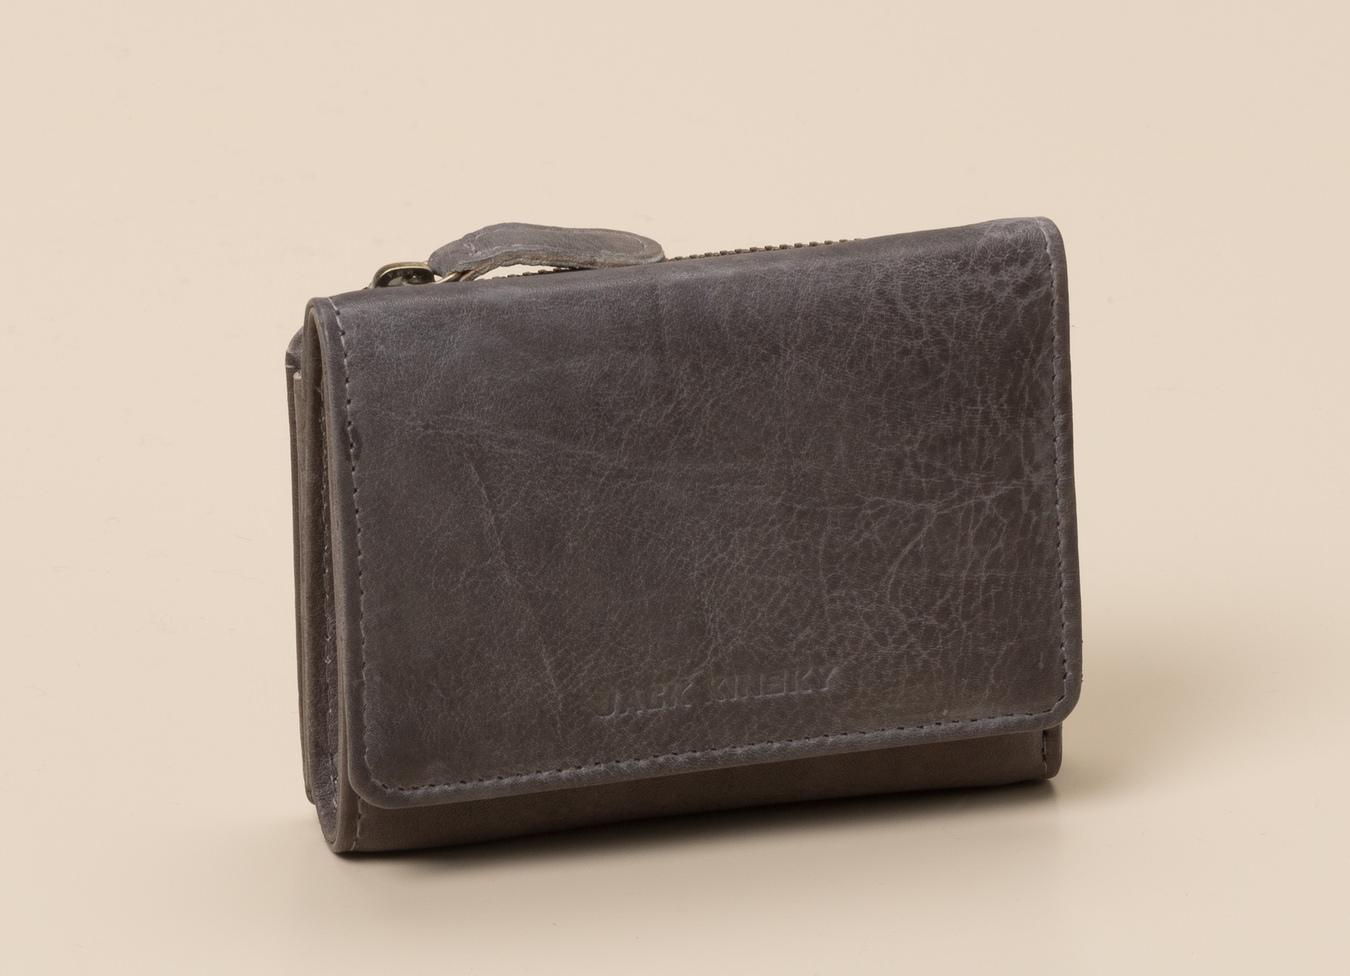 3ba436275eb2c Jack Kinsky Damen-Acces. Geldbörse in grau kaufen